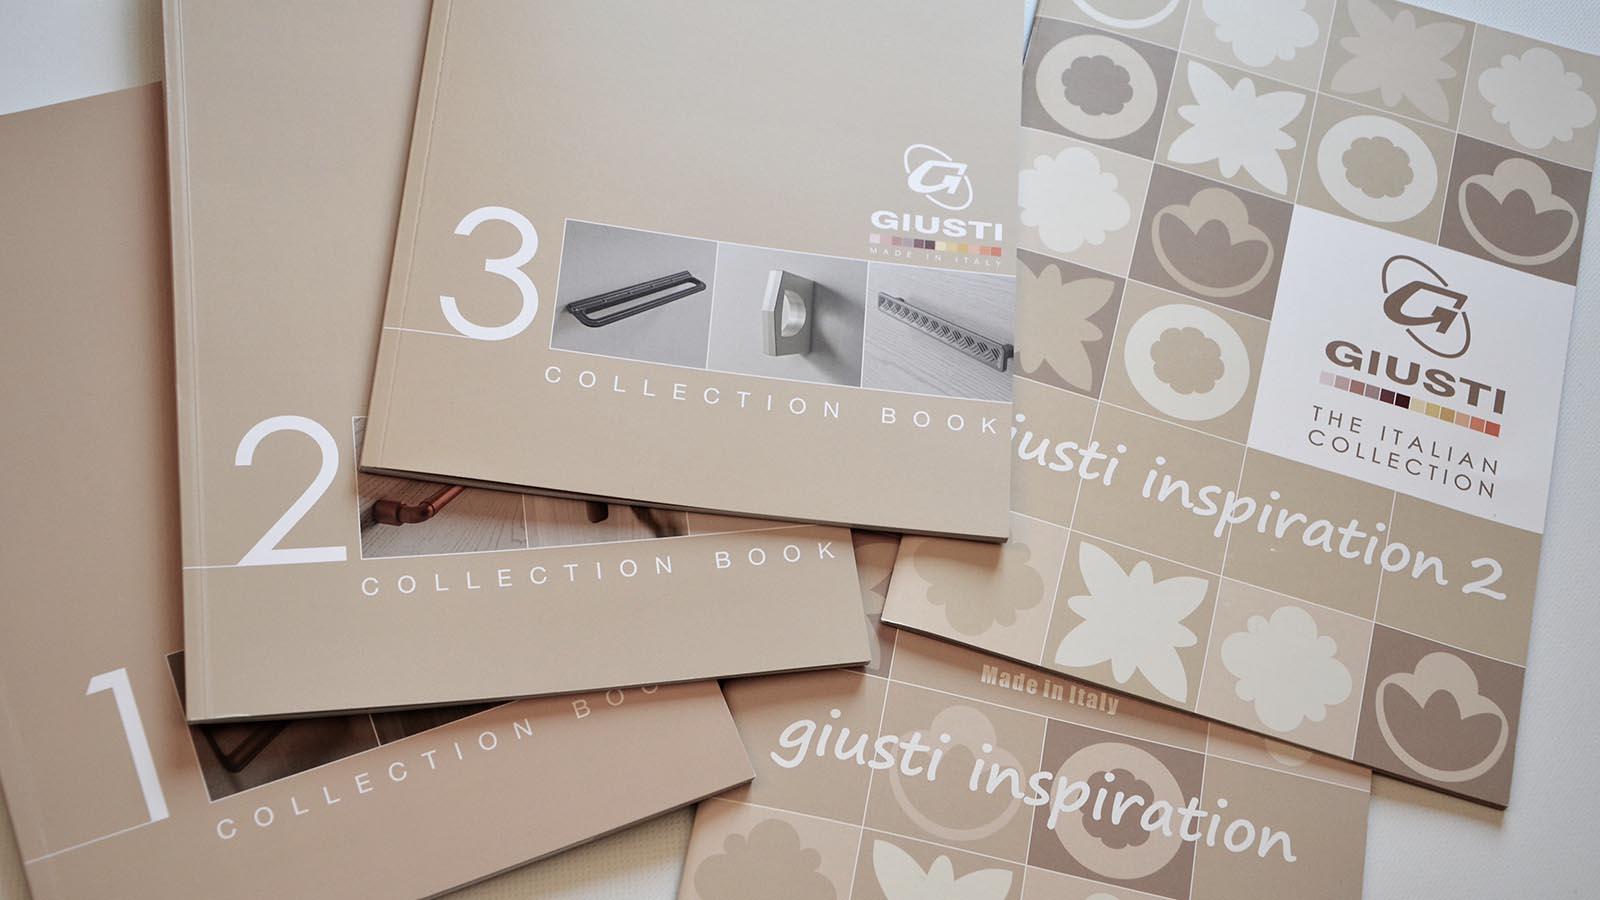 collection-book-e-inpiration-book-giusti-2017-copertine